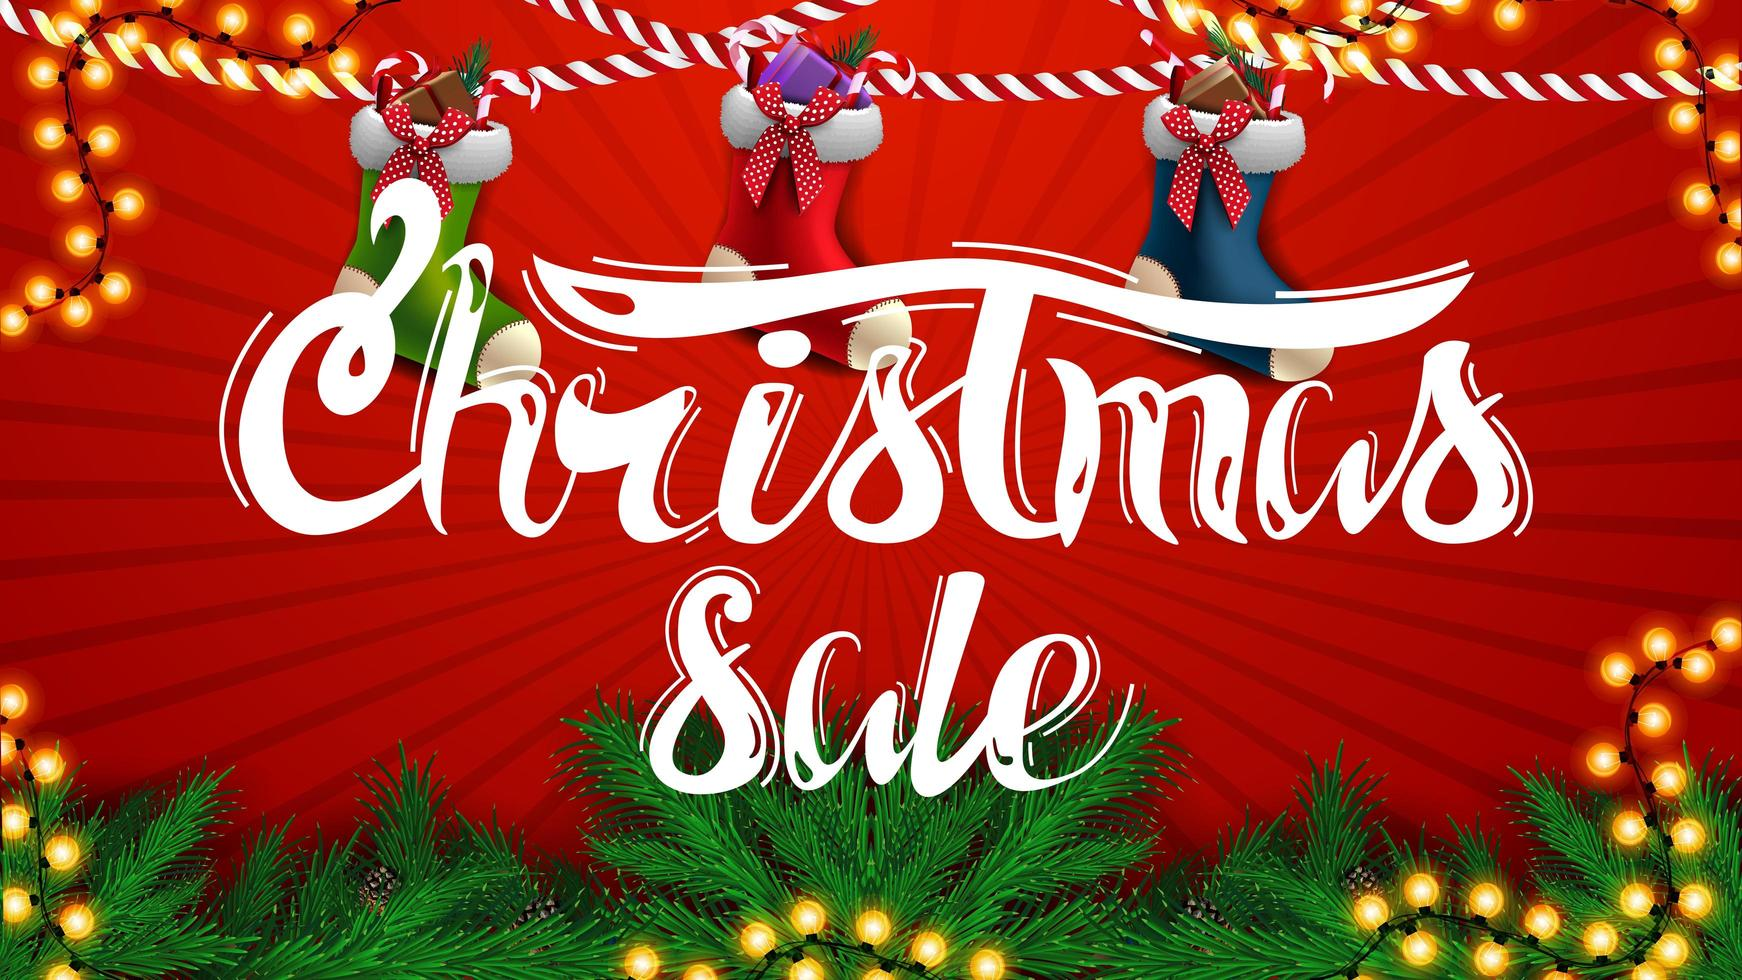 vente de noël, belle bannière de réduction rouge avec des branches d'arbres de noël, des guirlandes et des bas de noël vecteur